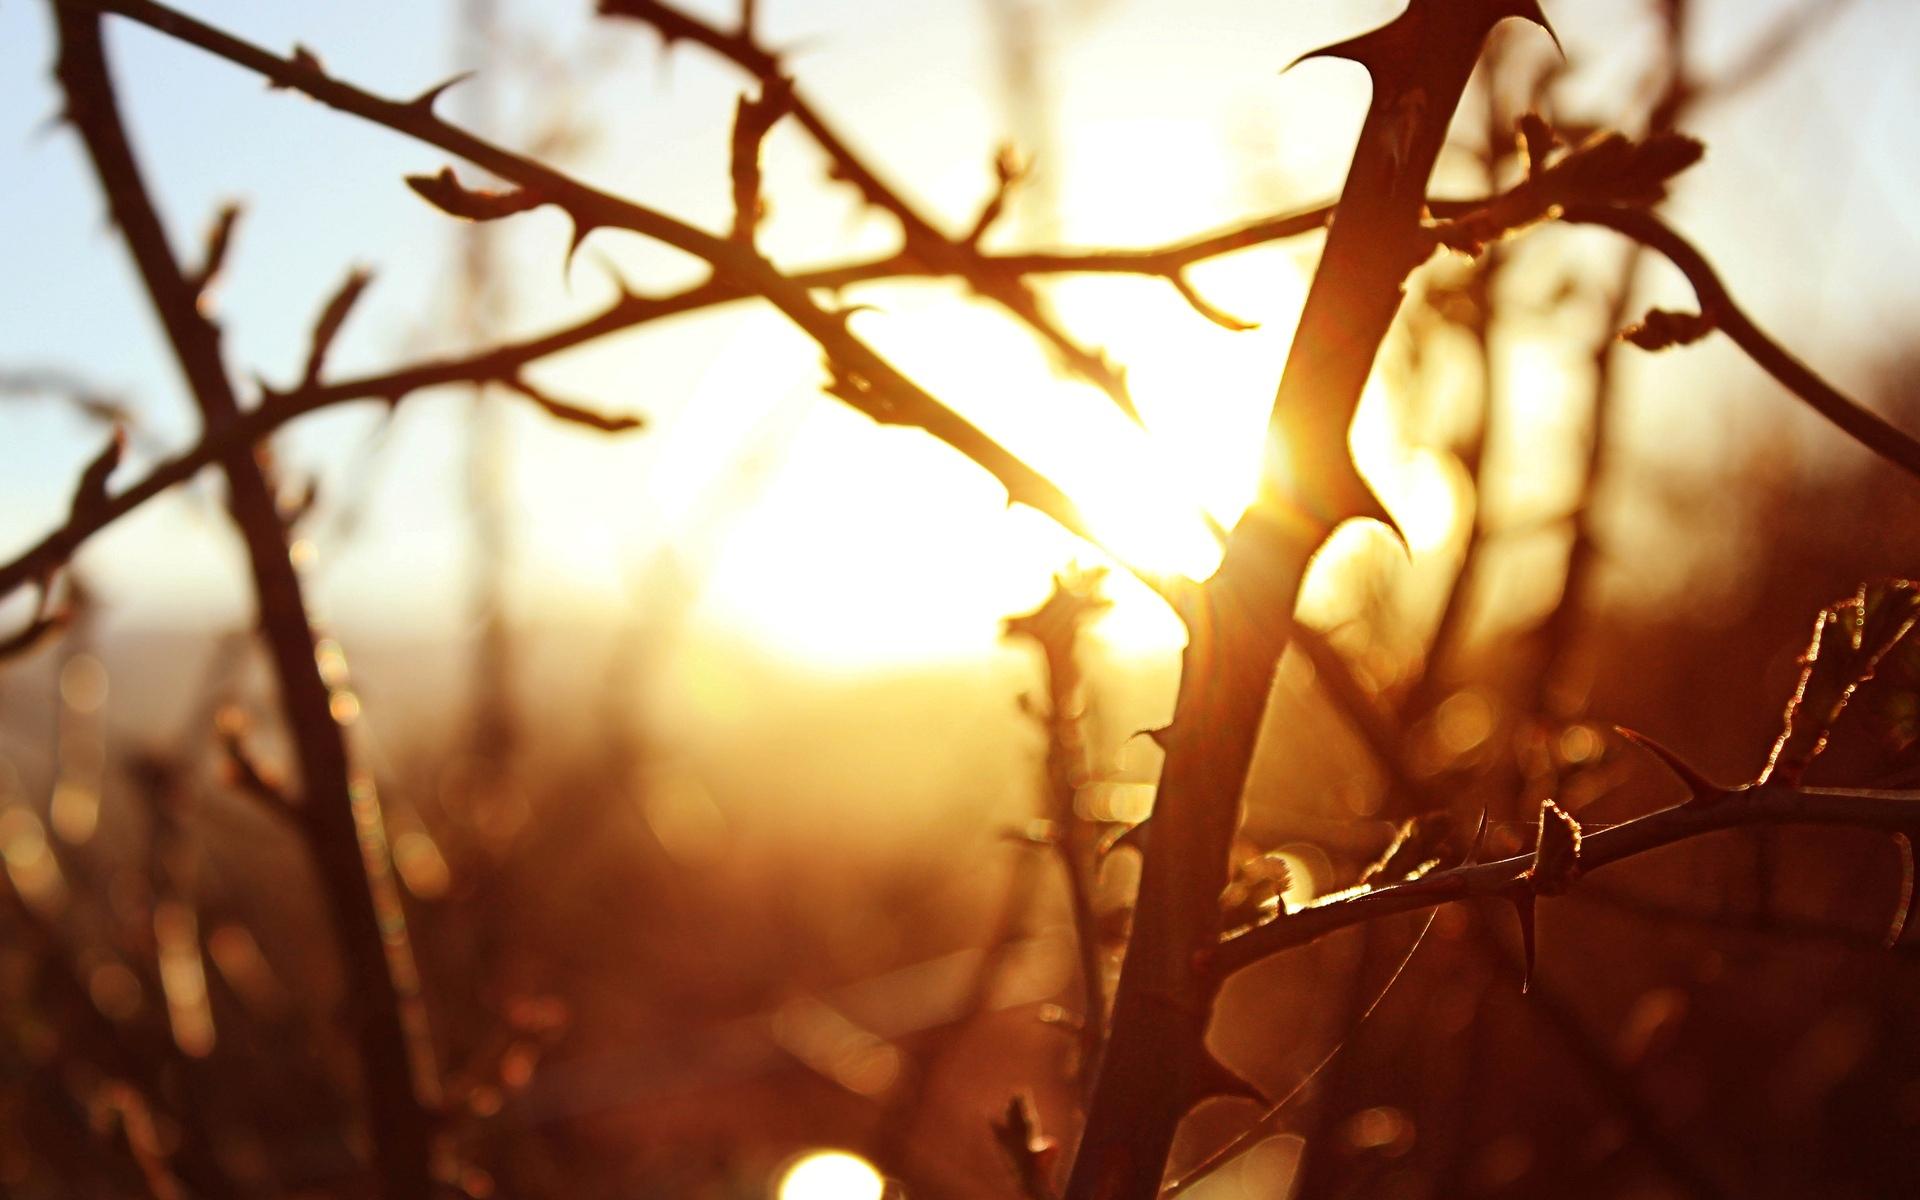 деревья природа ветка trees nature branch  № 439578 без смс